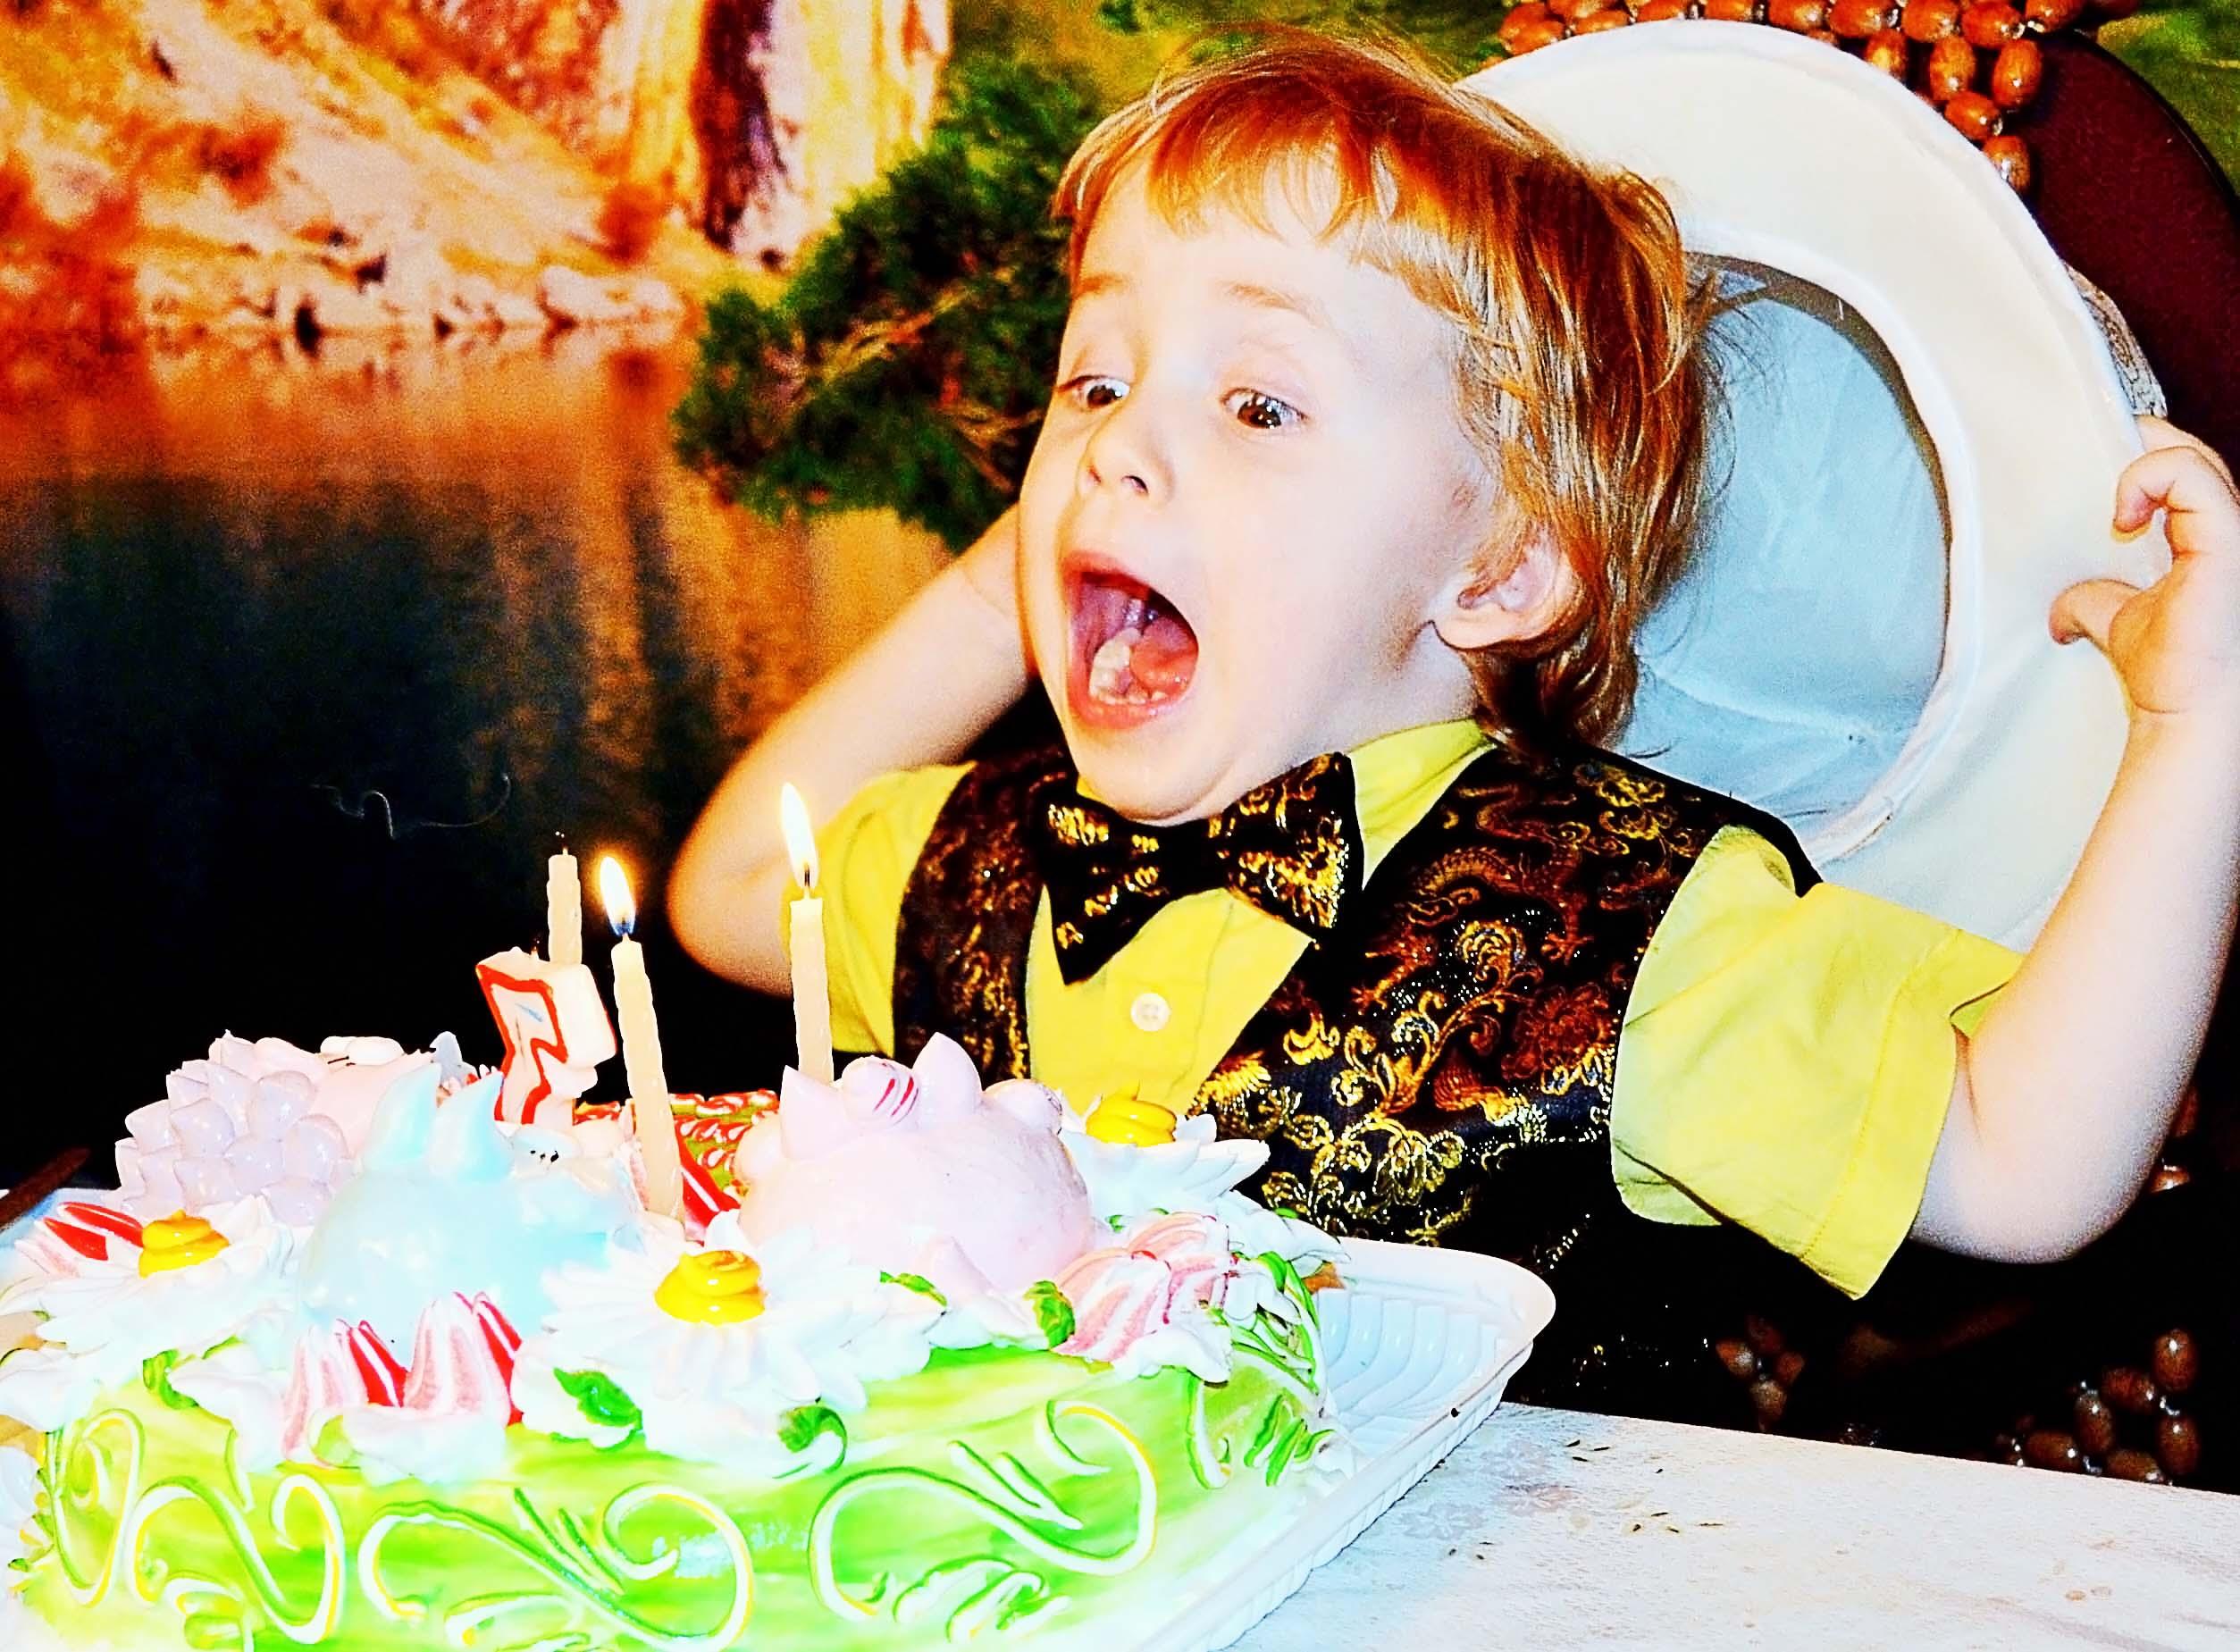 Мой 3 день рождения!!!. Именинный пирог